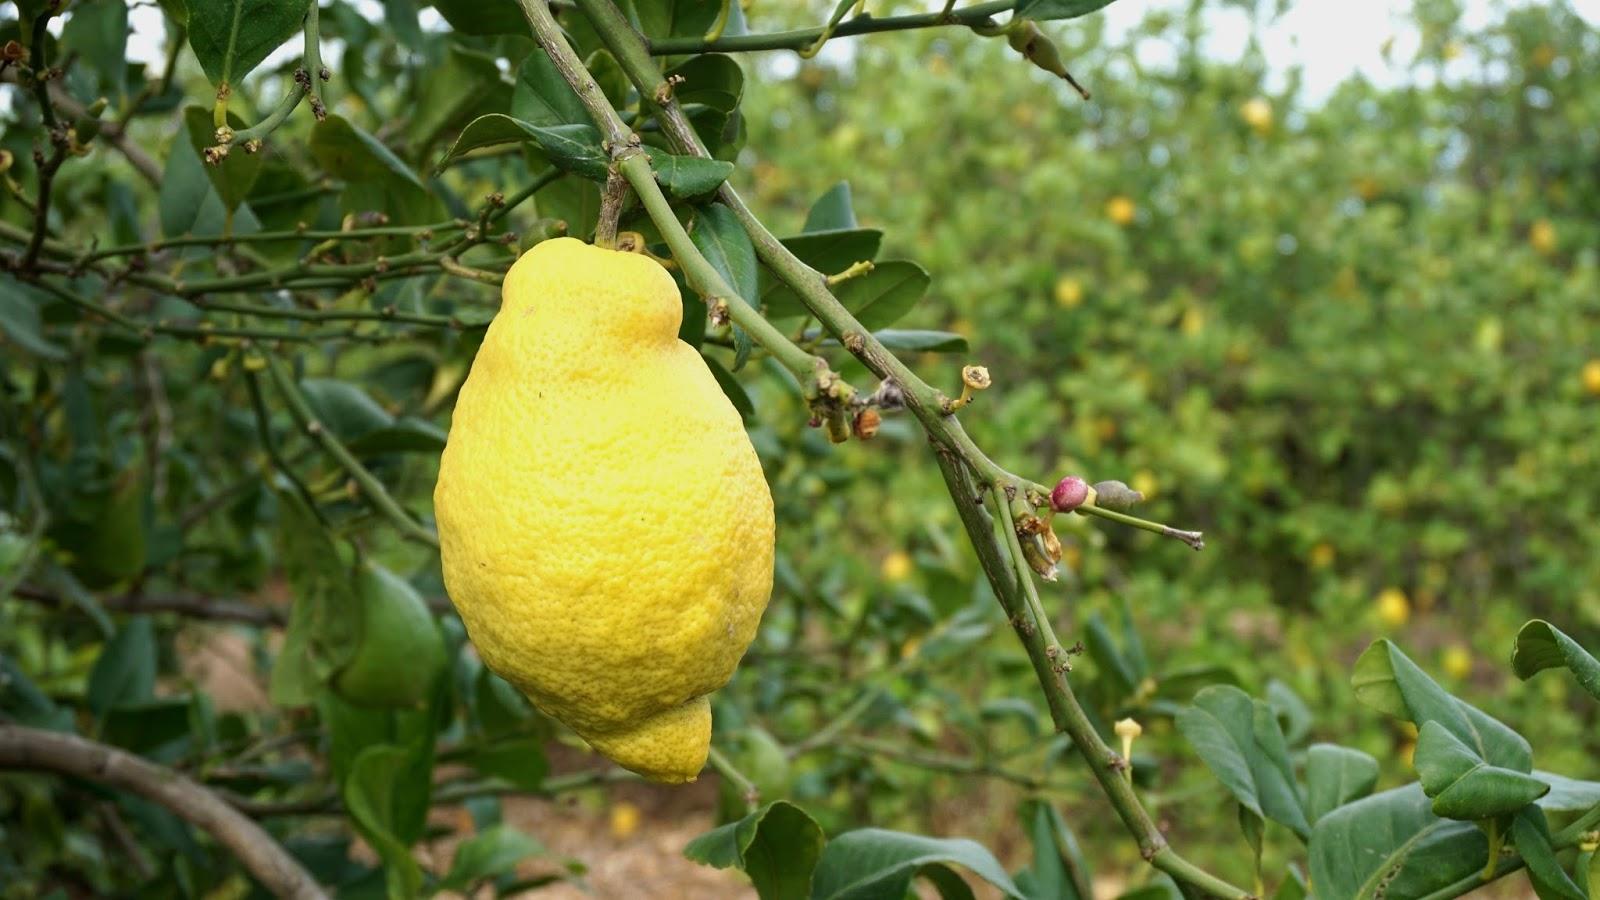 cytrynowy gaj Hiszpania, hiszpańskie cytryny, hiszpańskie owoce, atrakcje Hiszpanii, Torrevieja